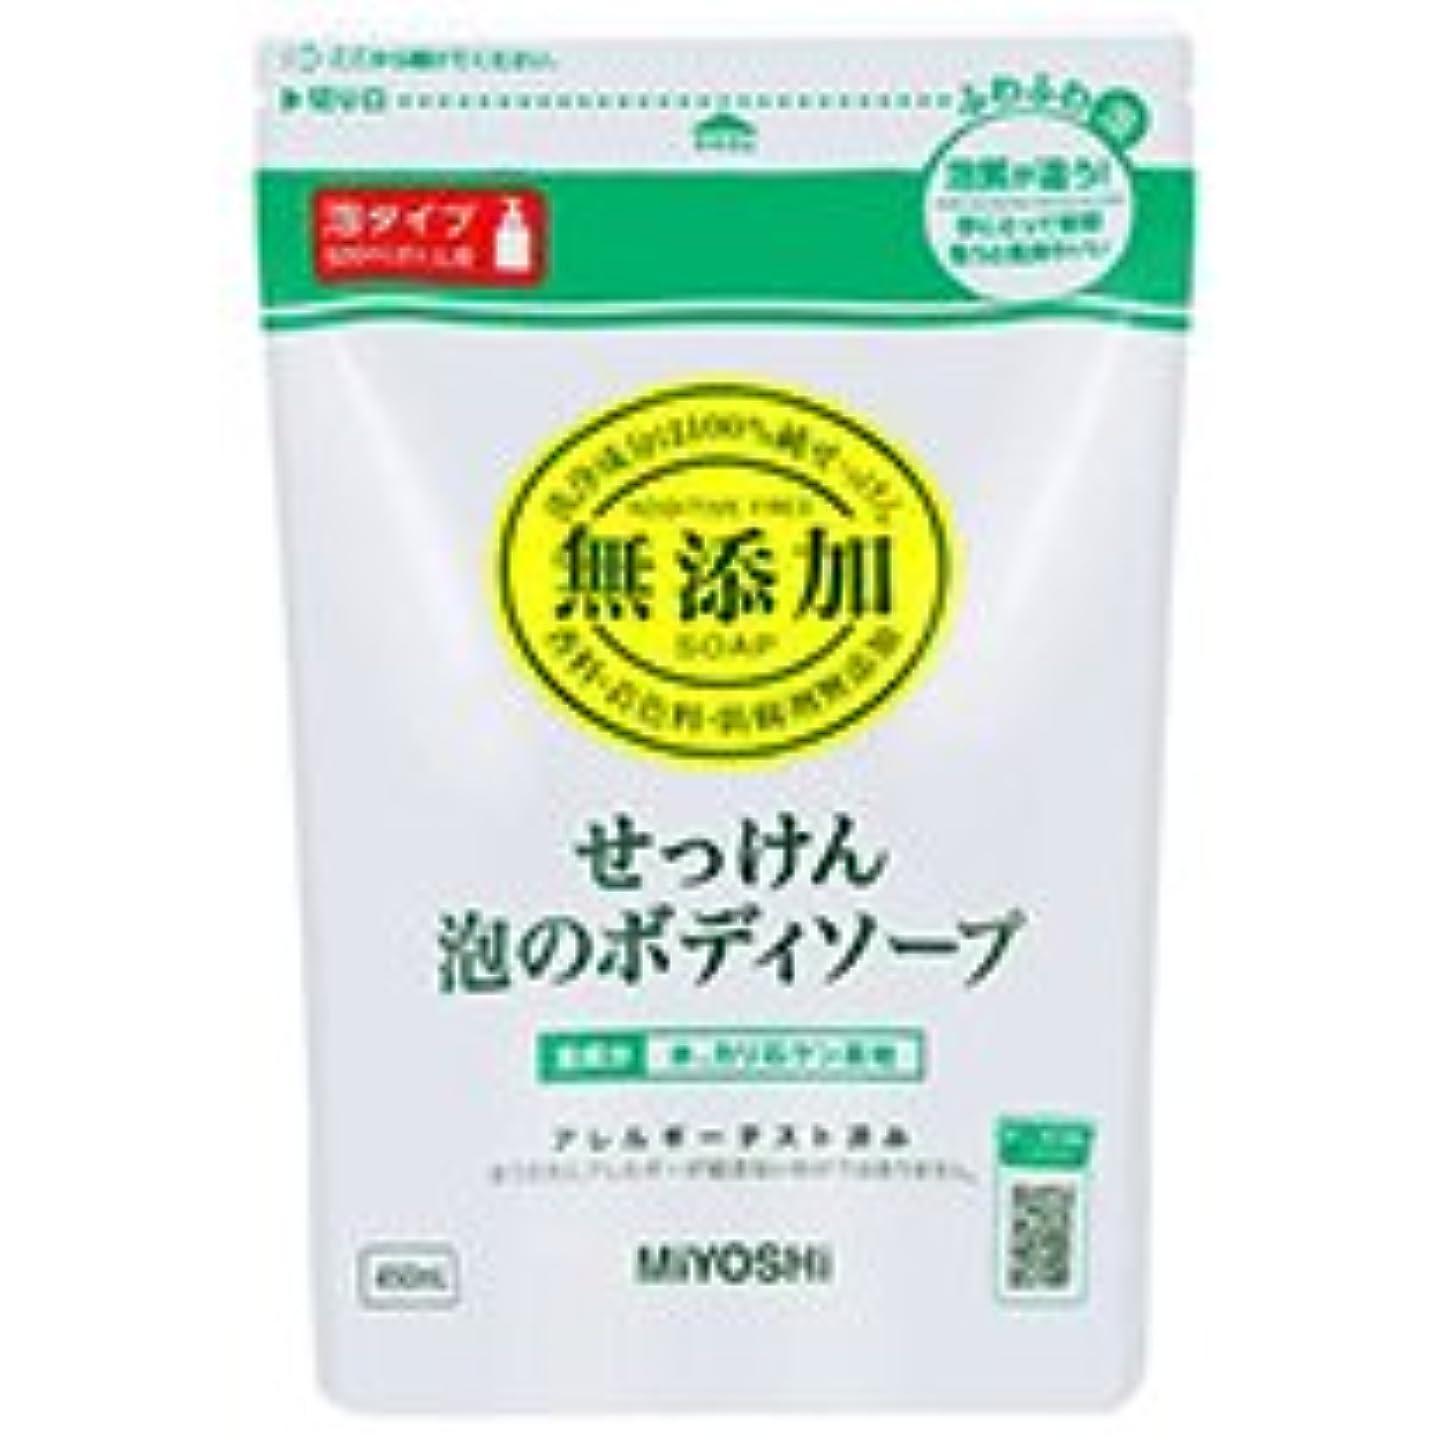 他の場所床を掃除するぎこちないミヨシ石鹸 無添加せっけん 泡のボディソープ 詰替用 450ml 1個